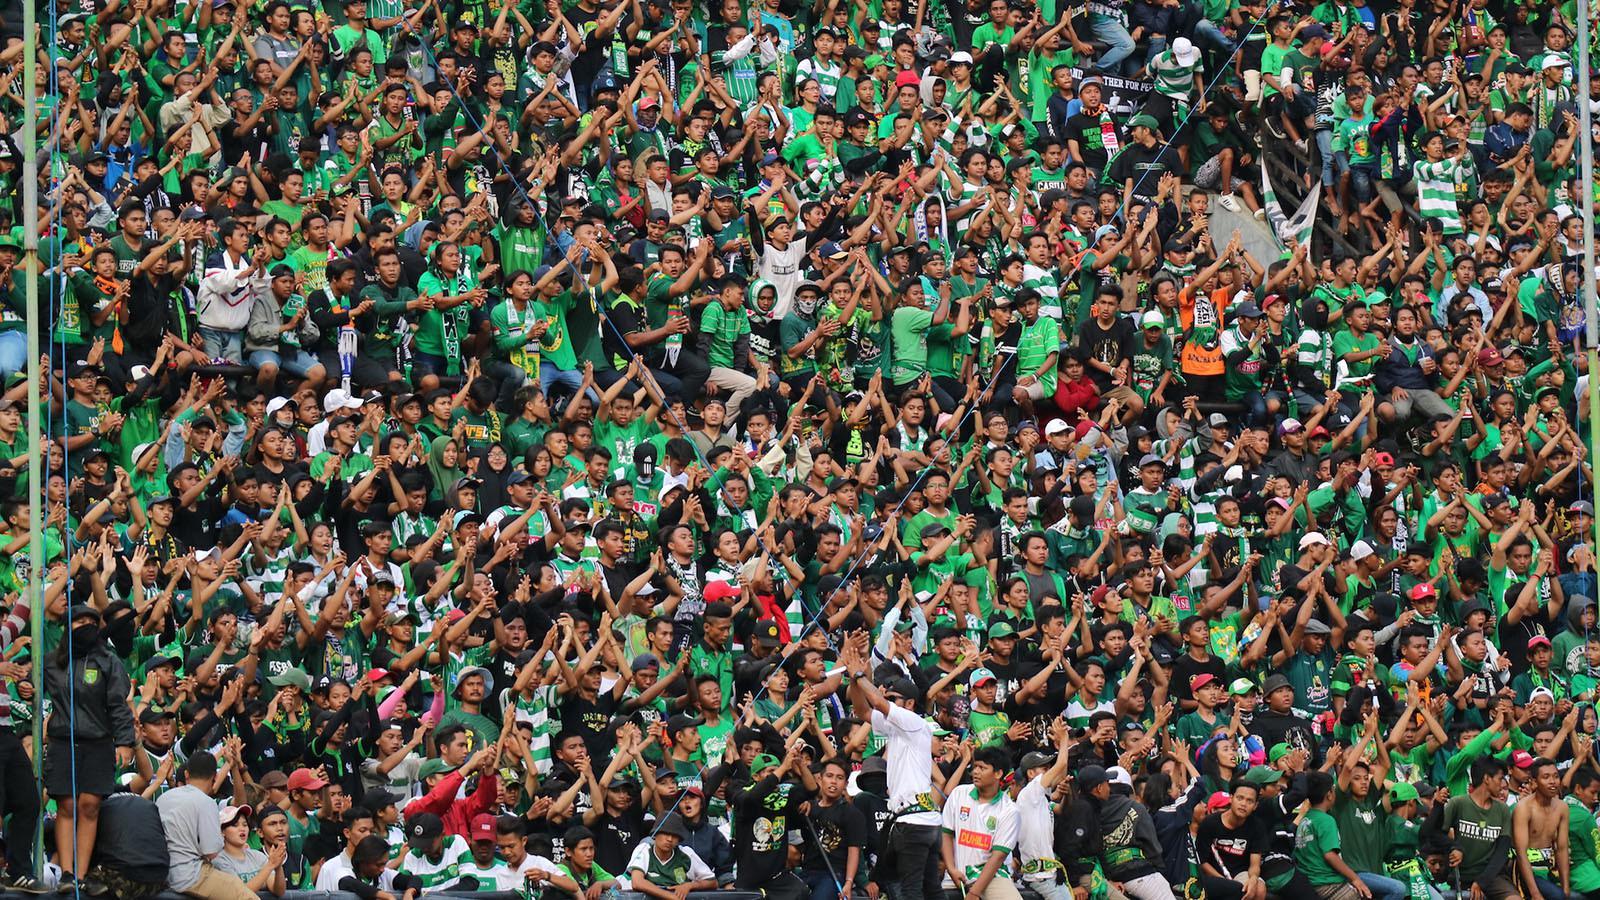 Bonek Mania memenuhi Stadion GBT, Surabaya, Minggu (28/1/2018), pada laga Persebaya vs Madura United. (Bola.com/Aditya Wany)